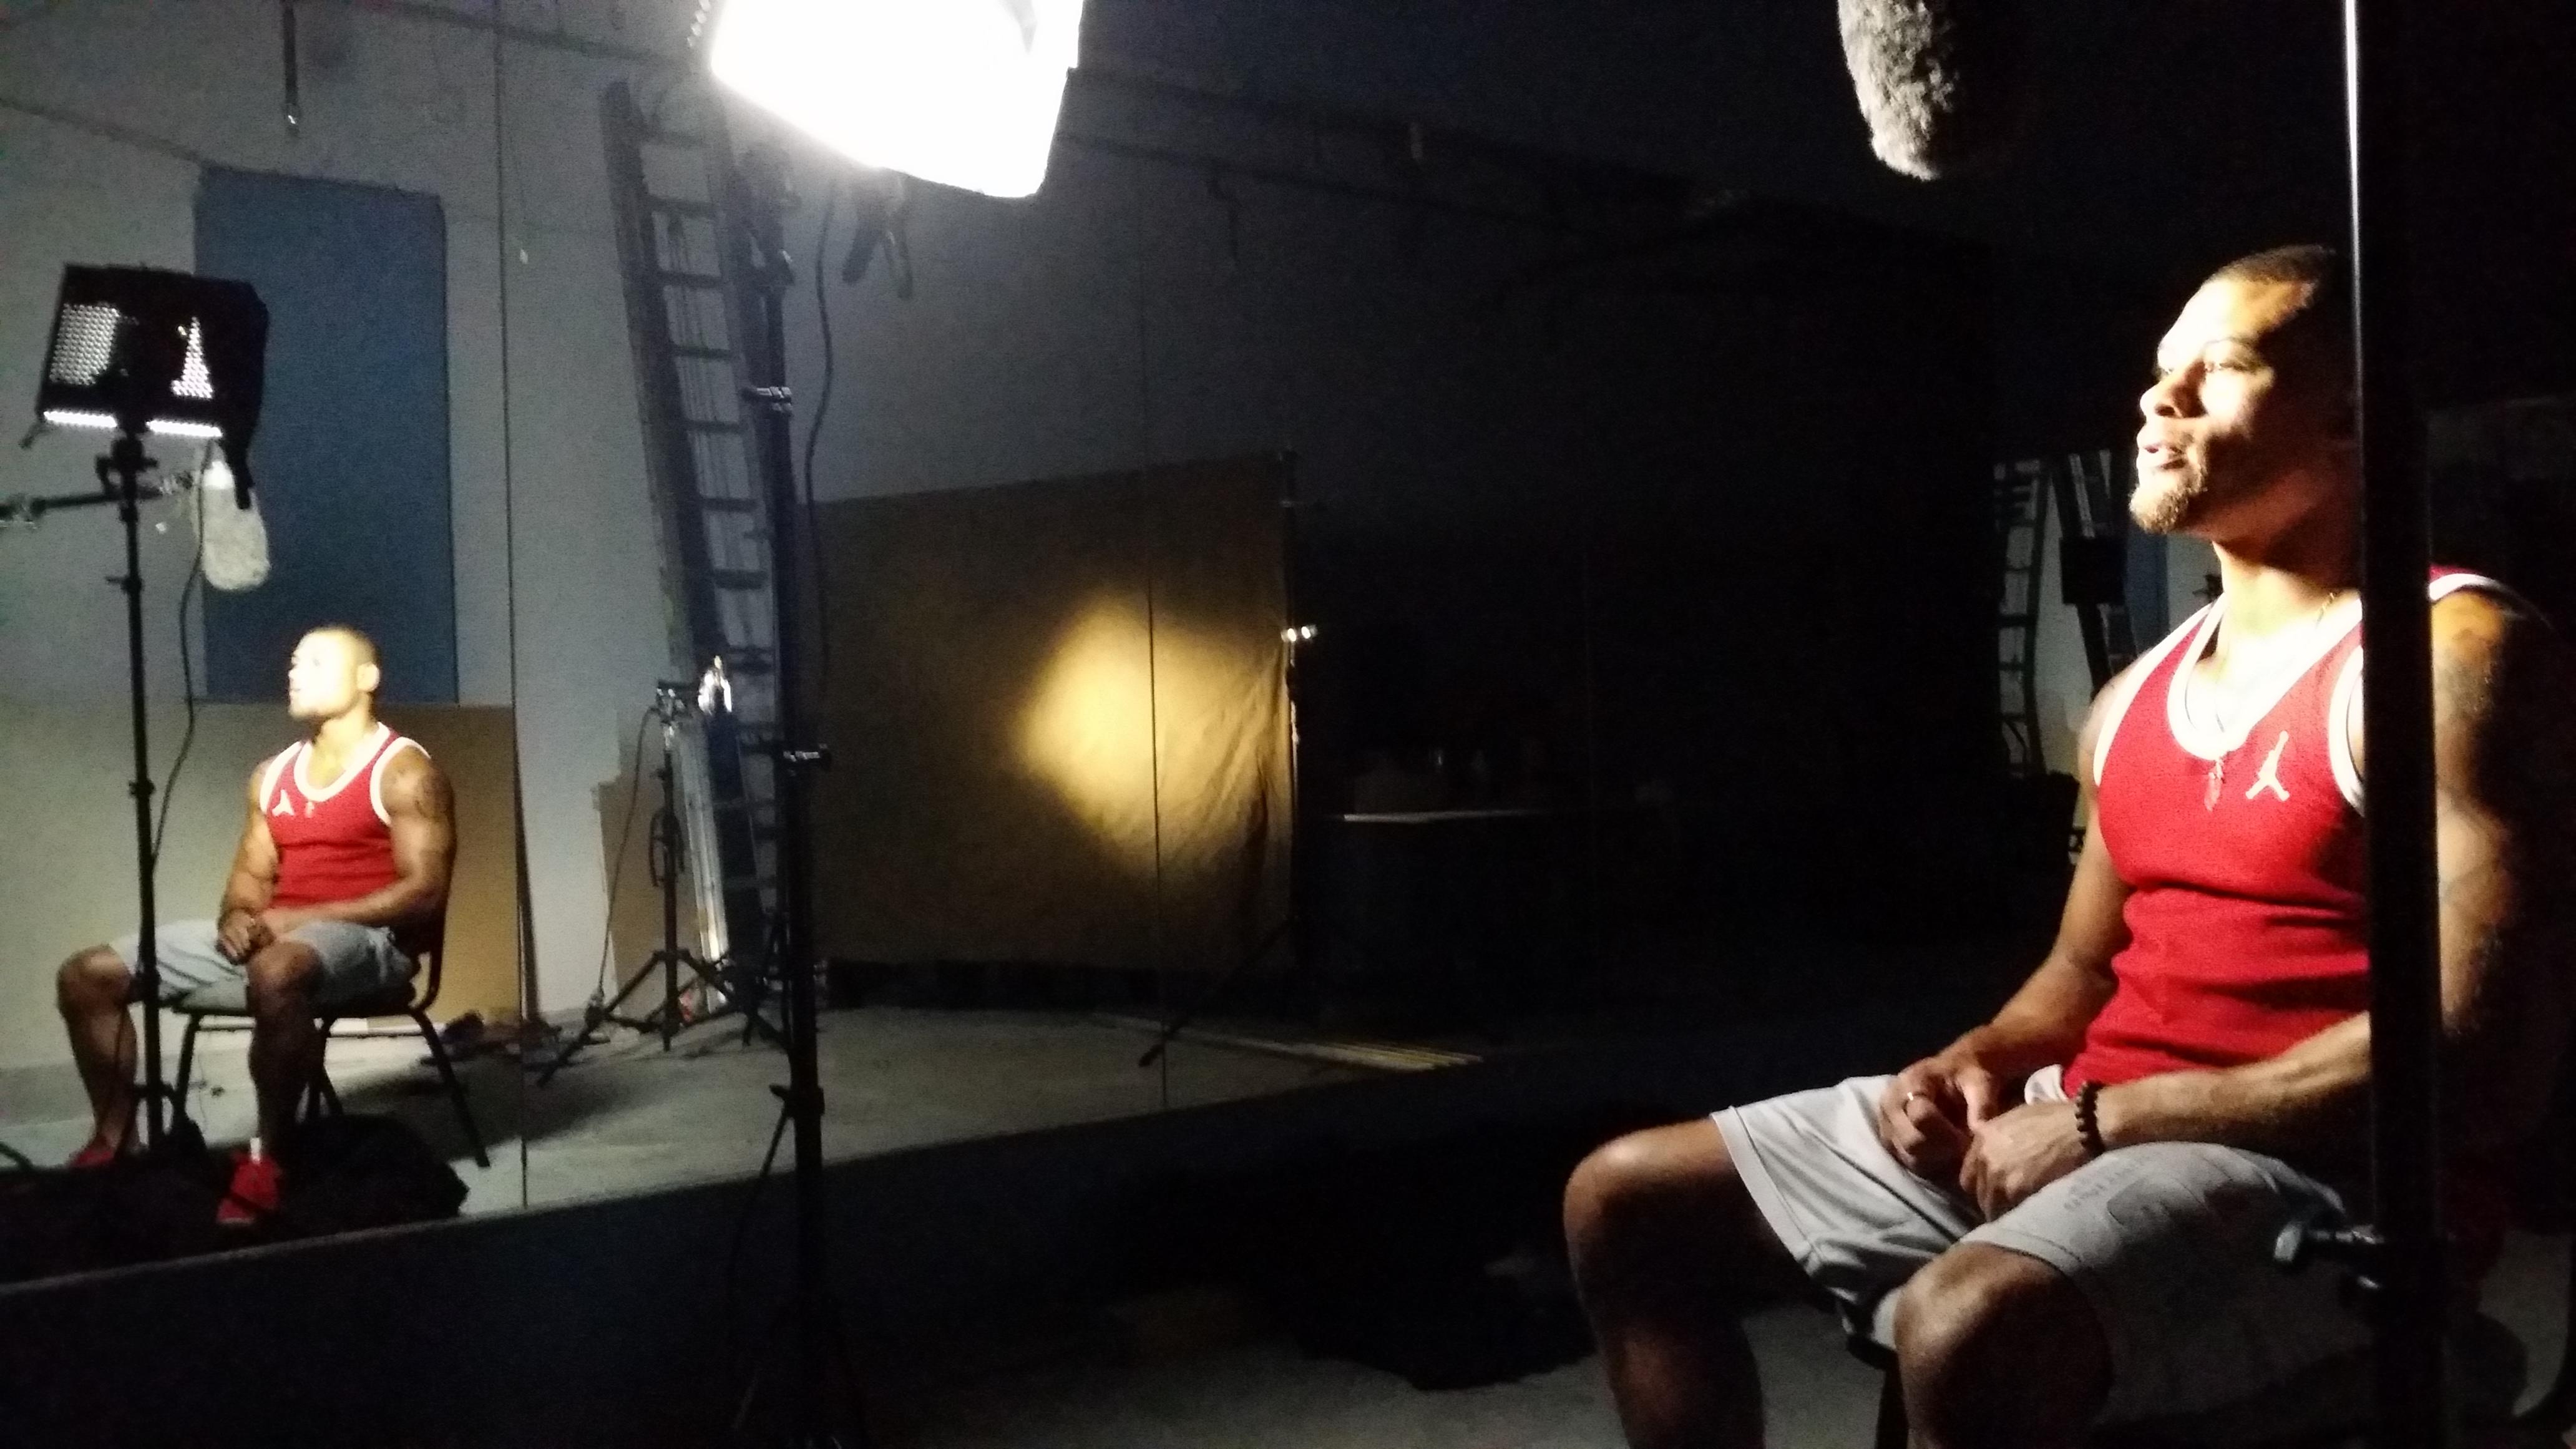 20140619 132717 Miami Crew takes on UFC Countdown